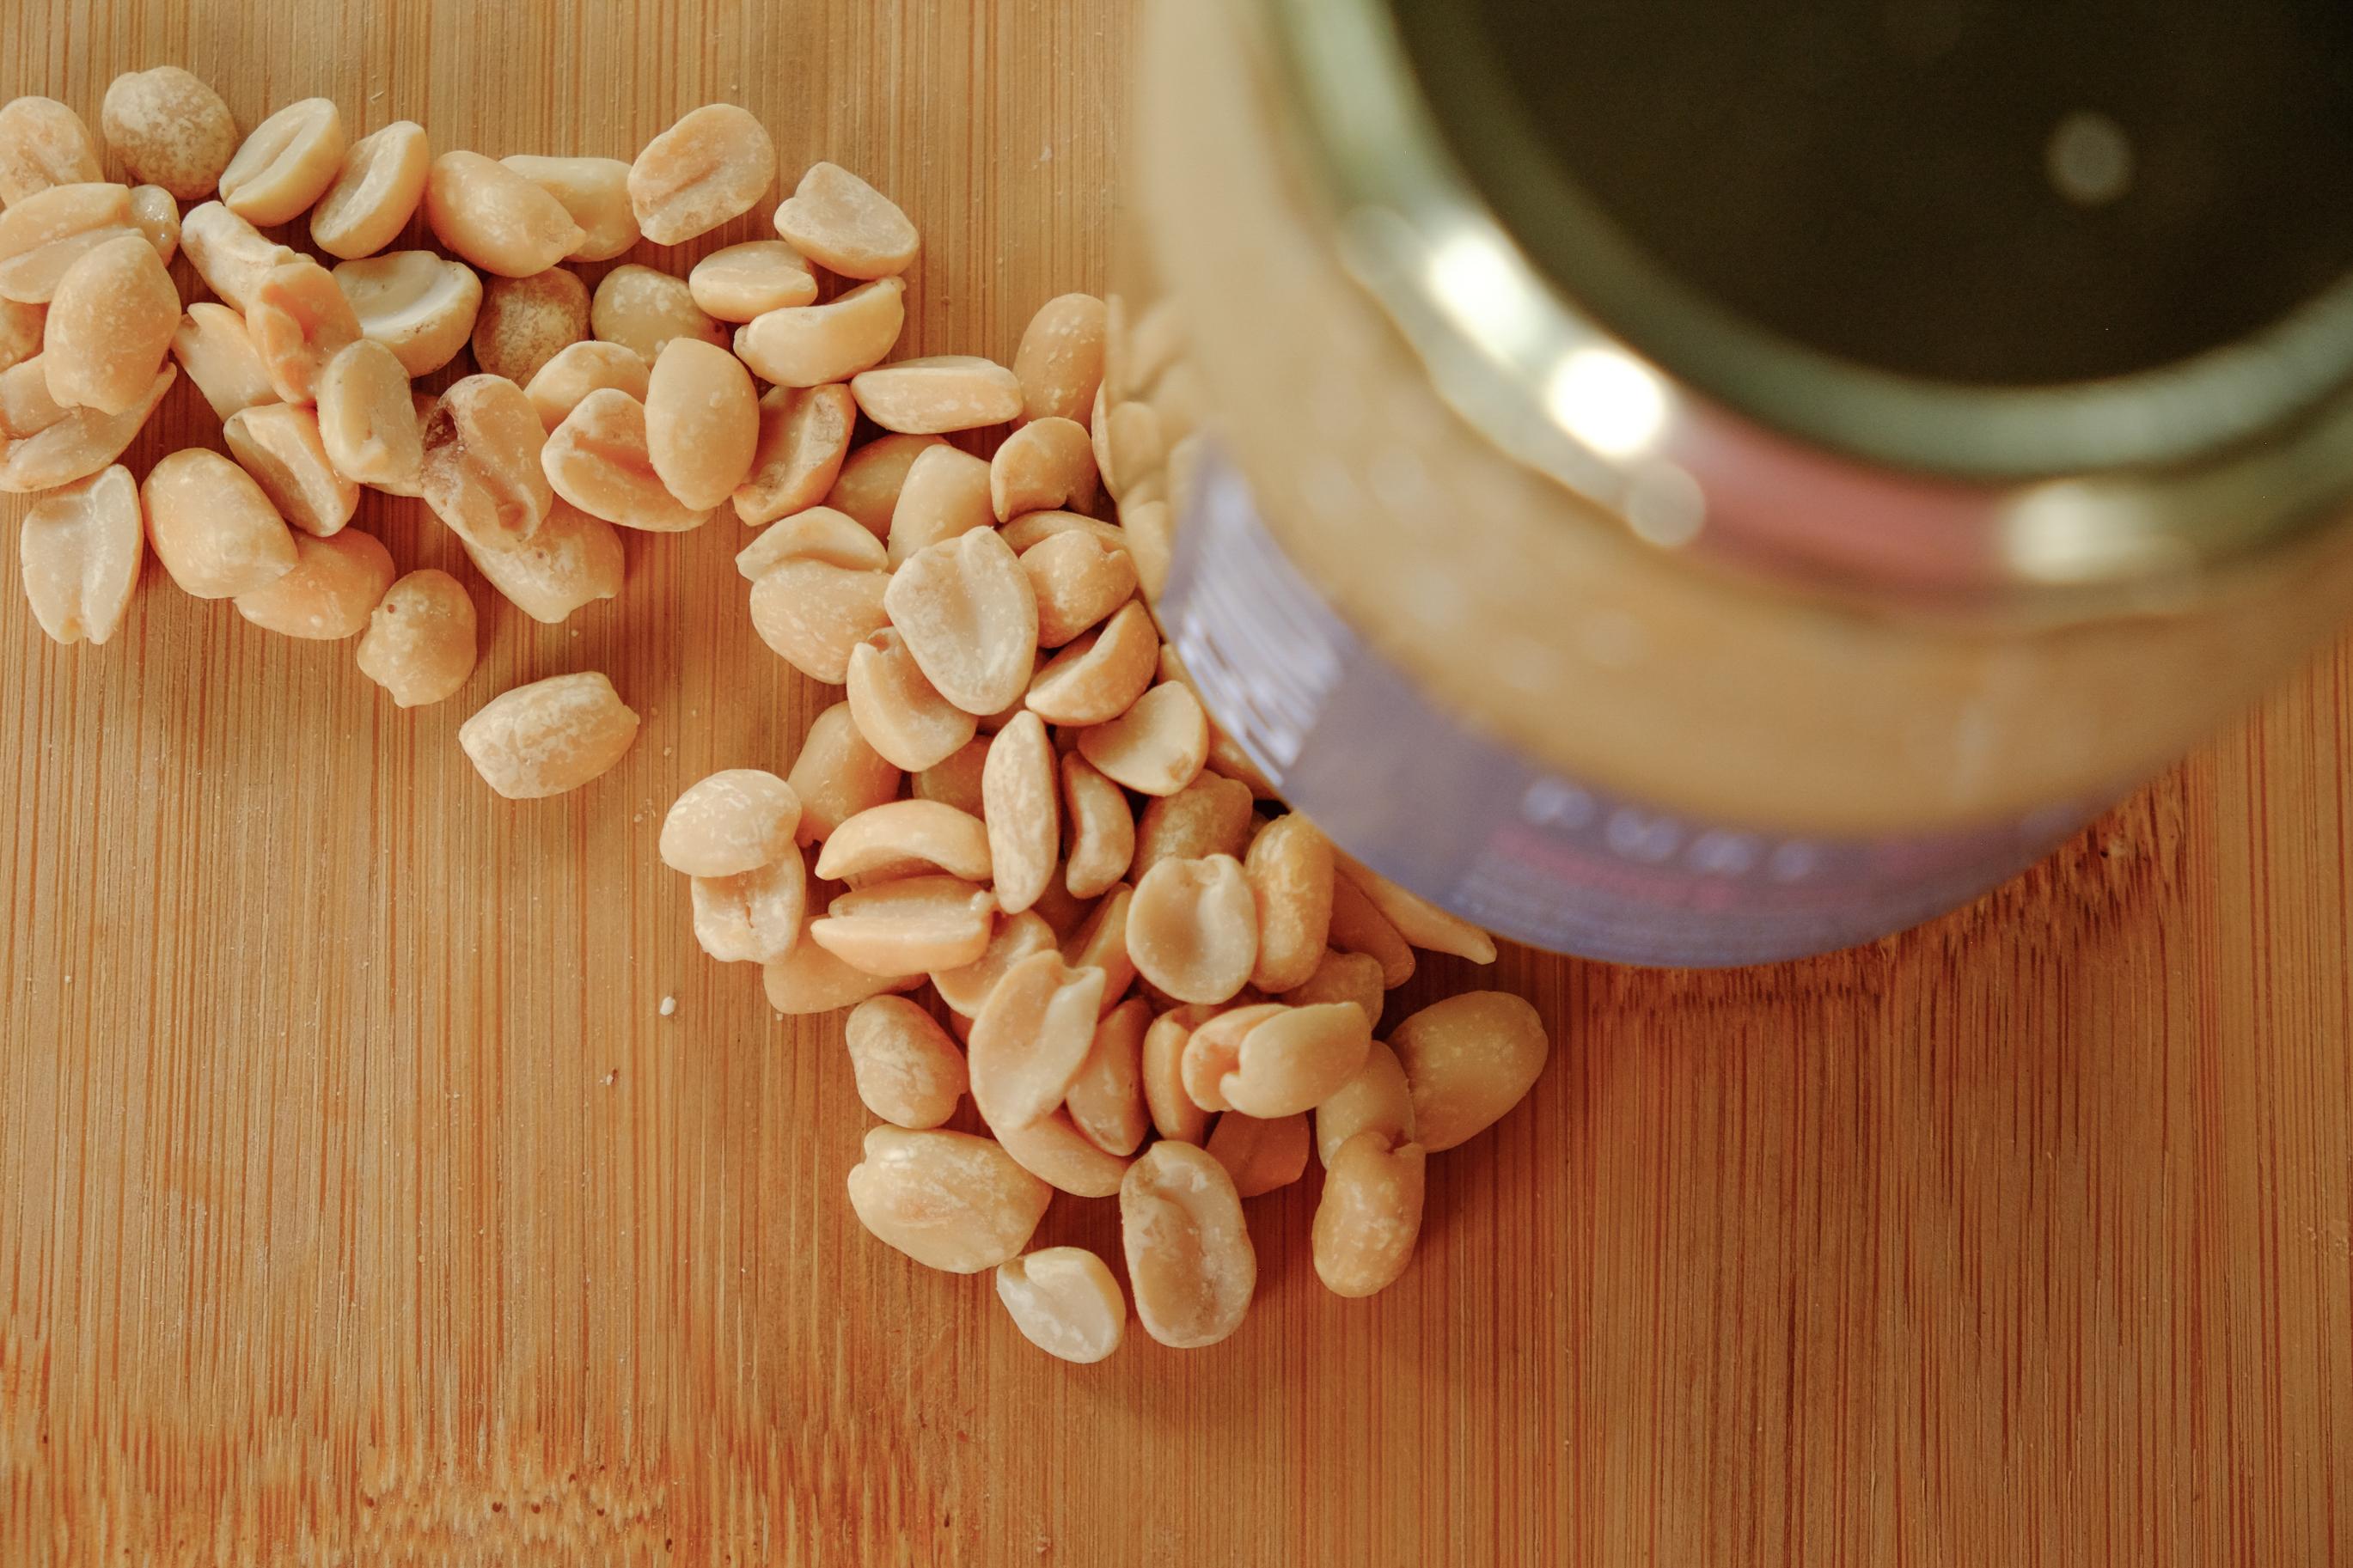 Crunchy Peanut Butter (350g)